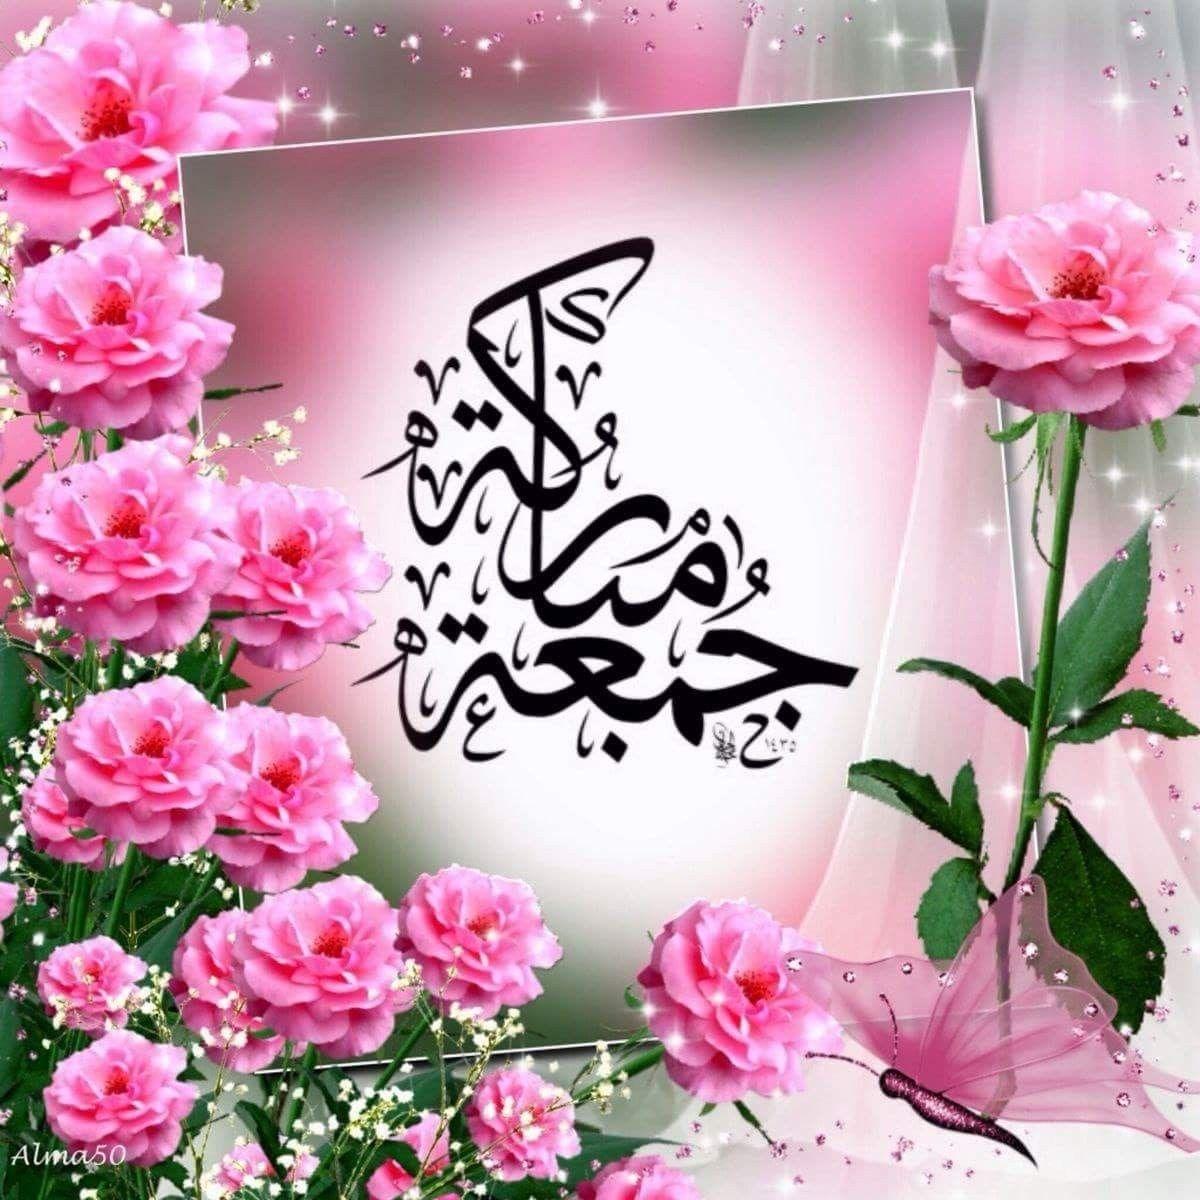 الل هــــــــــــــــــــــم أنعم علينا برضآك وعافيتك بقلب Jumma Mubarik Jumma Mubarak Images Juma Mubarak Images